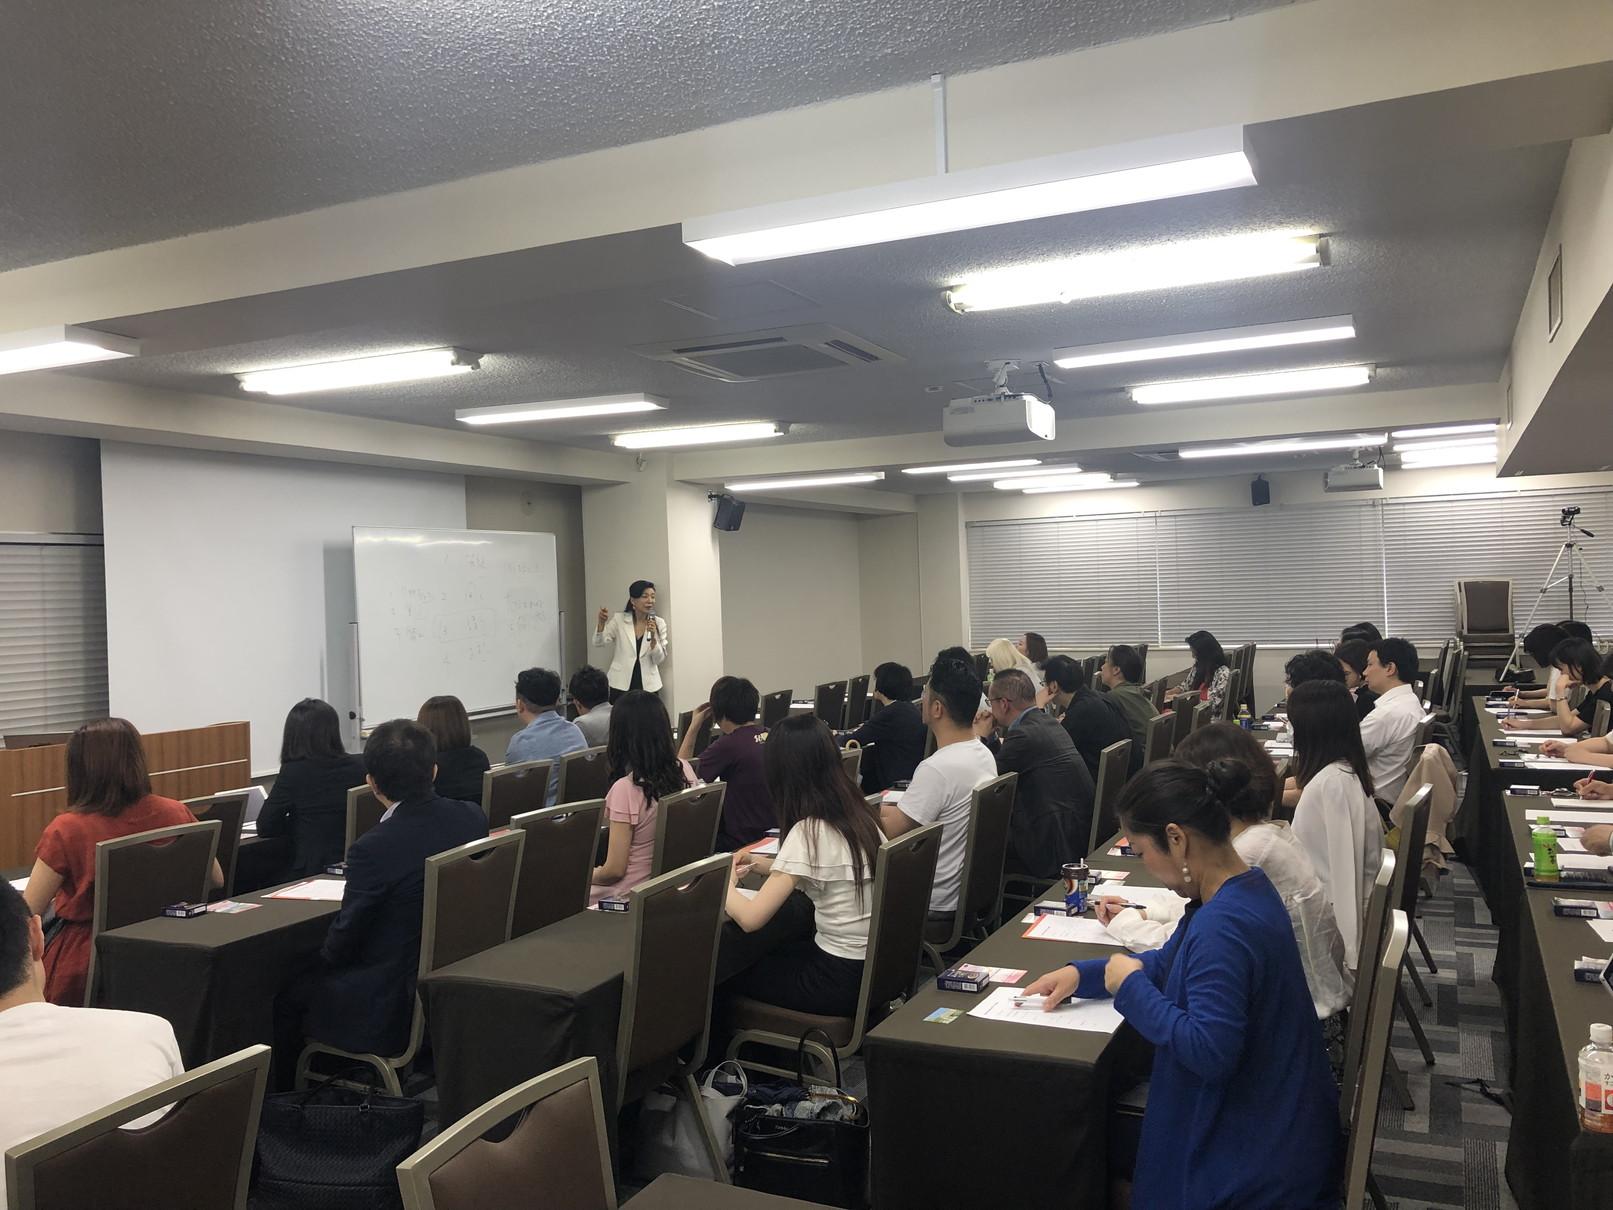 【2019/11/25】歌舞伎町流 シャンパンタワーまでの営業の流れ